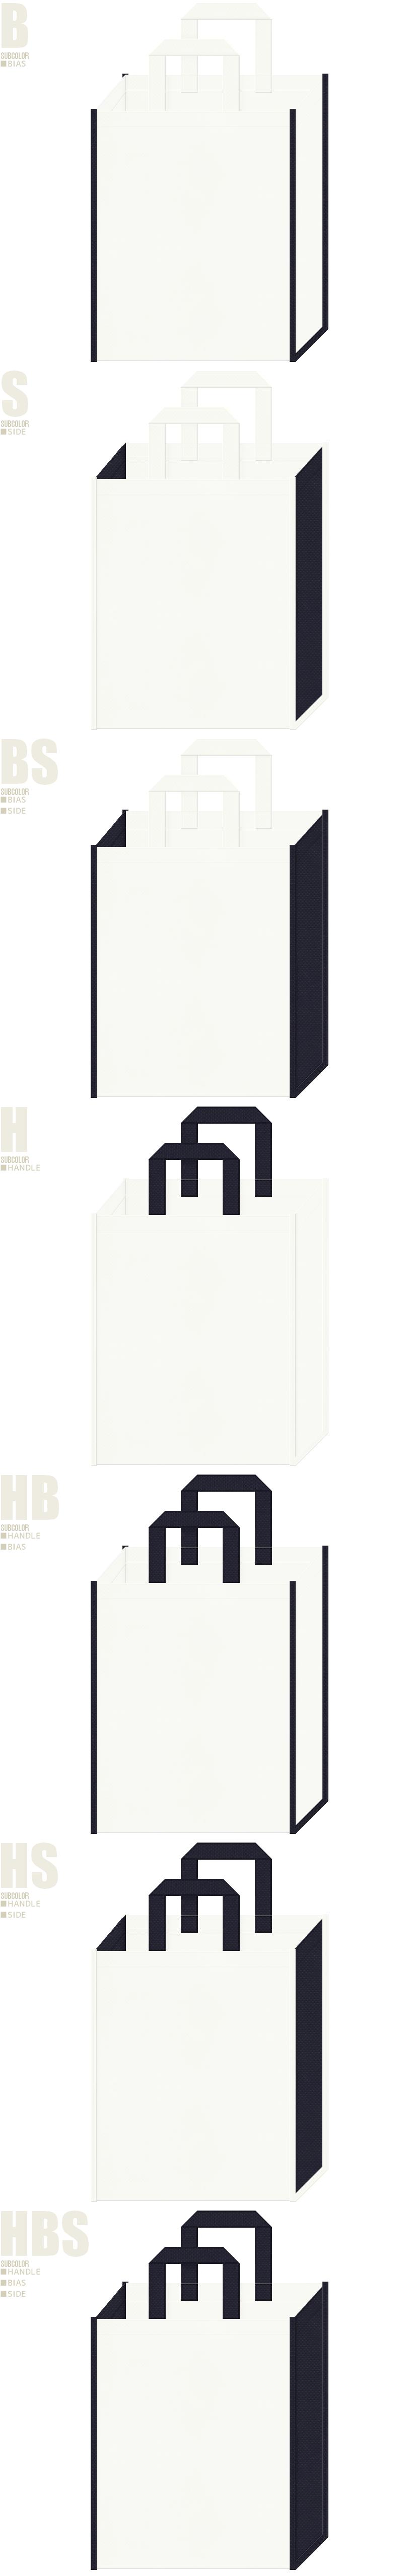 学校・オープンキャンパス・学習塾・レッスンバッグ・天体観測・プラネタリウム・野外コンサート・星空・天文・水産・海運・船舶・潜水艦・港湾・マリンルック・クルージング・ヨット・ボート・マリンスポーツの展示会用バッグにお奨めの不織布バッグデザイン:オフホワイト色と濃紺色の不織布バッグ配色7パターン